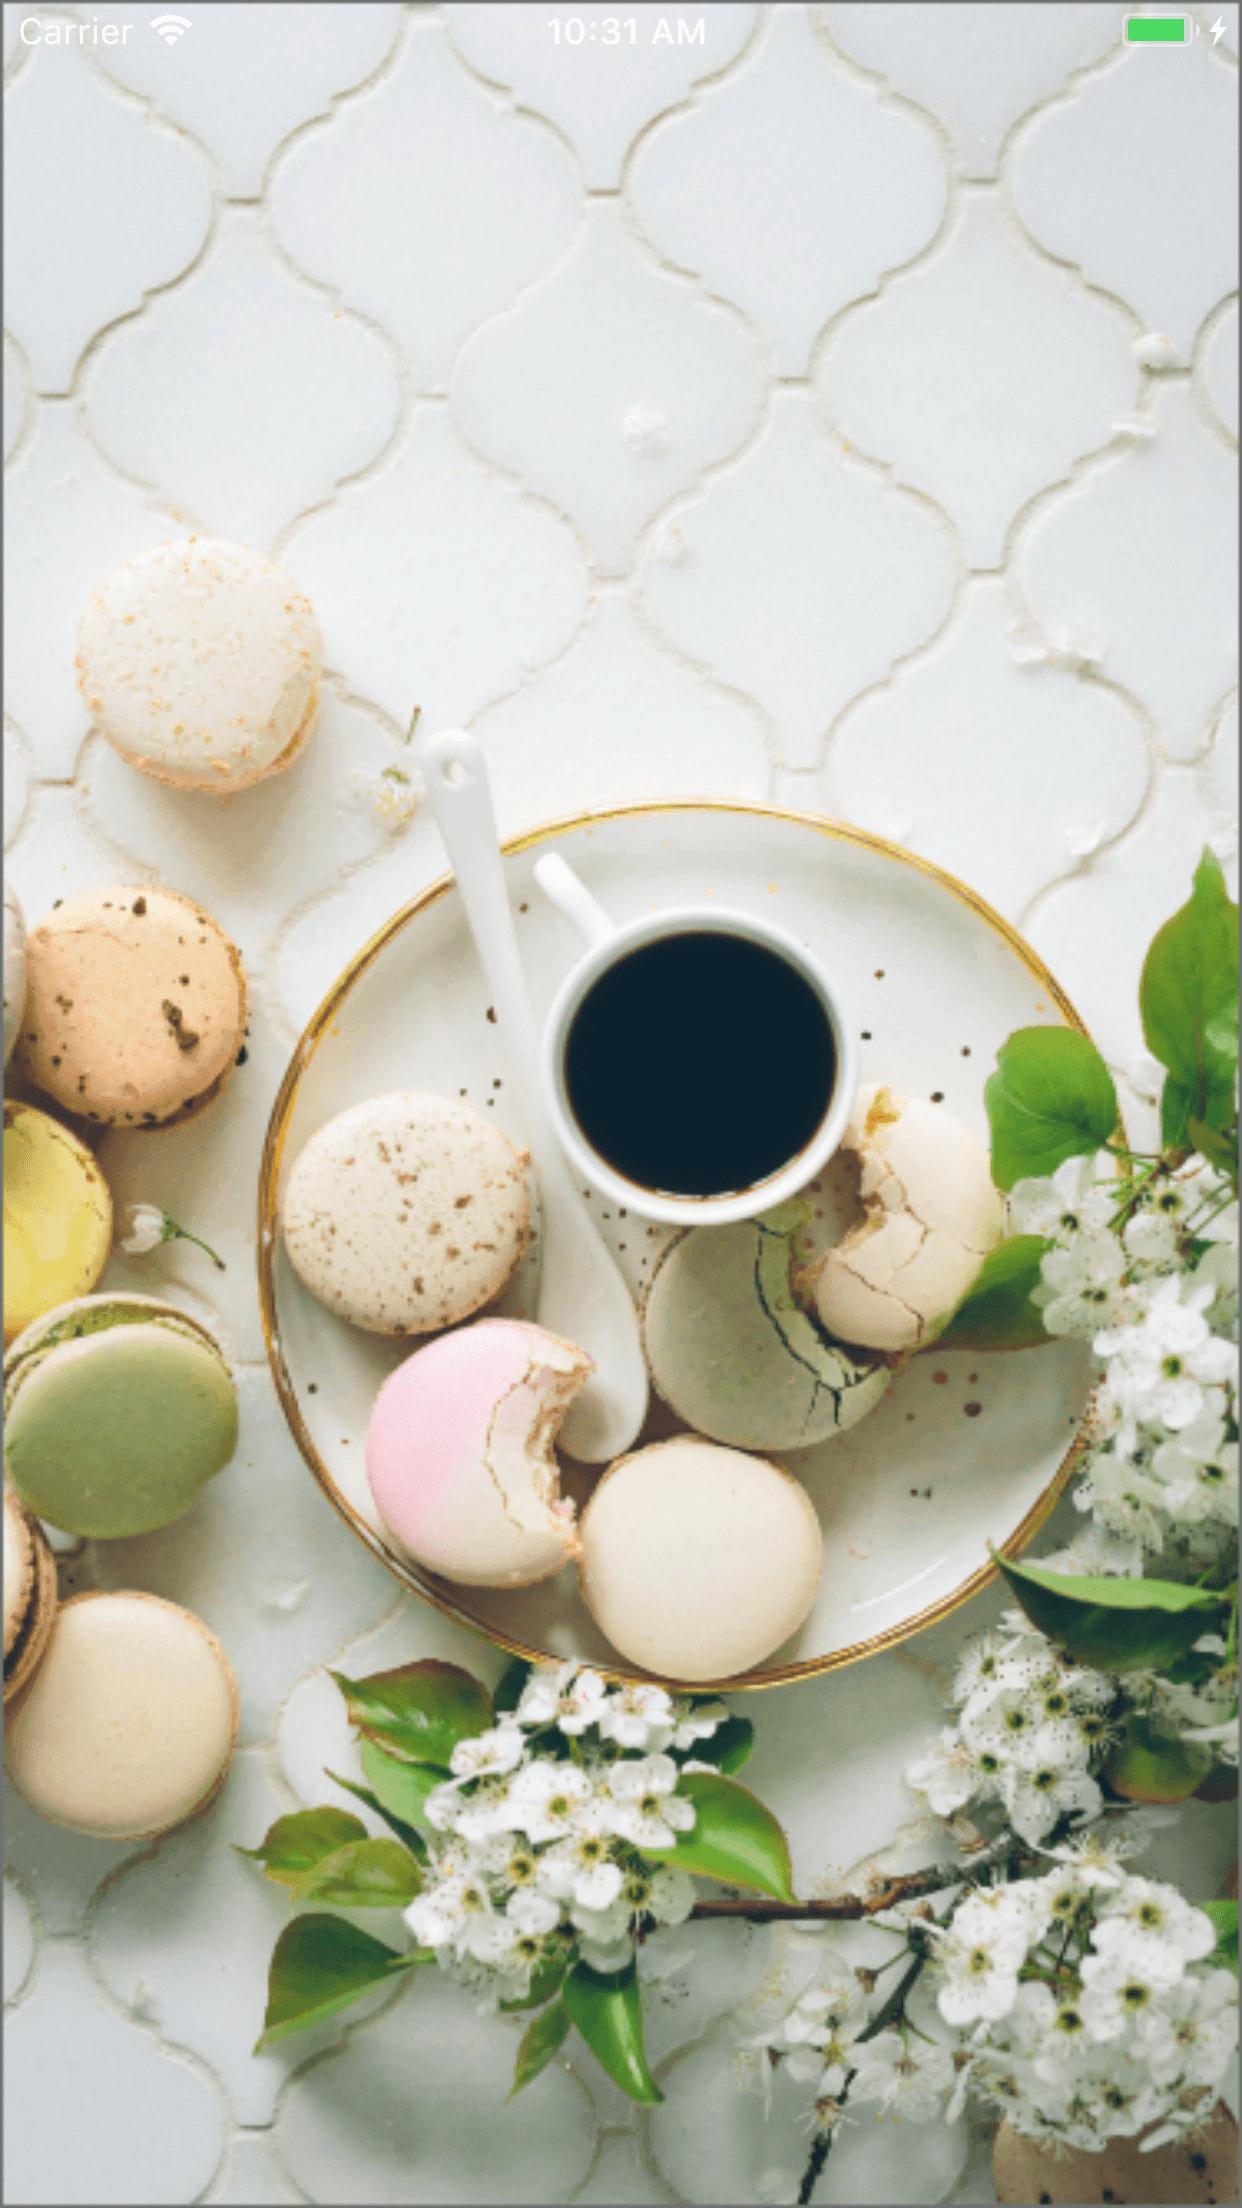 Valux - حلو وقهوة